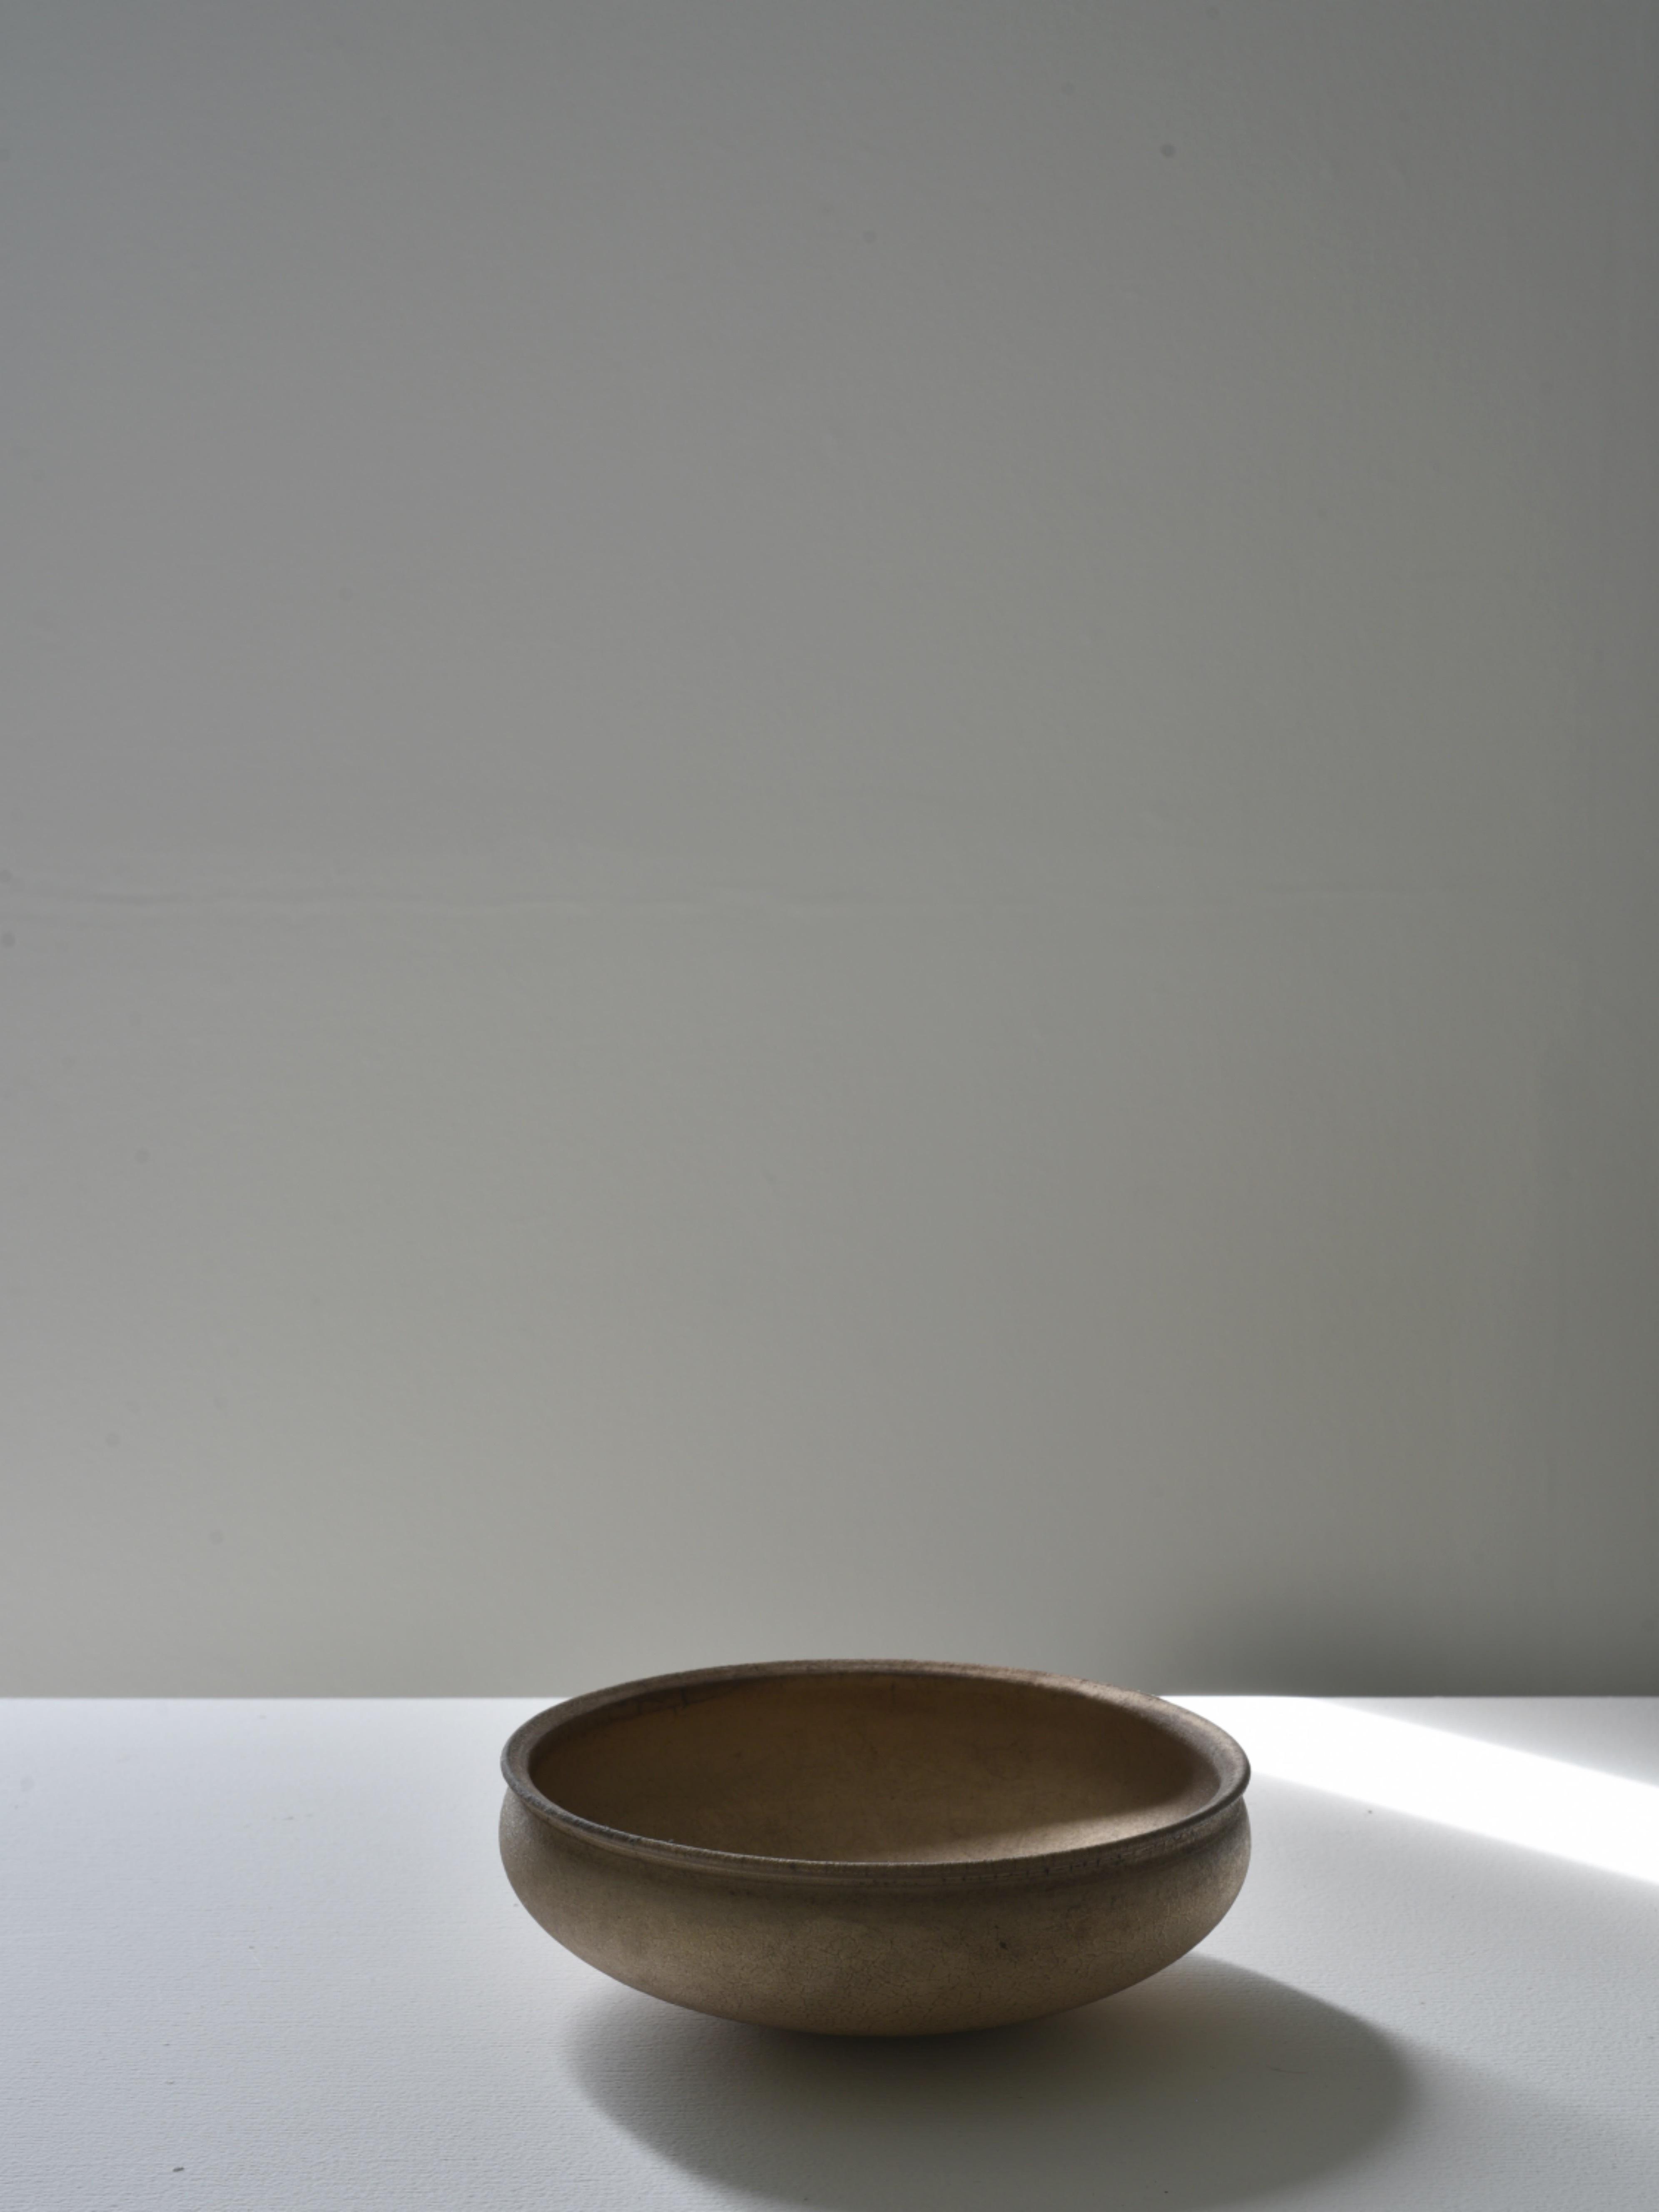 瀬川辰馬|硫化銀彩丸鉢